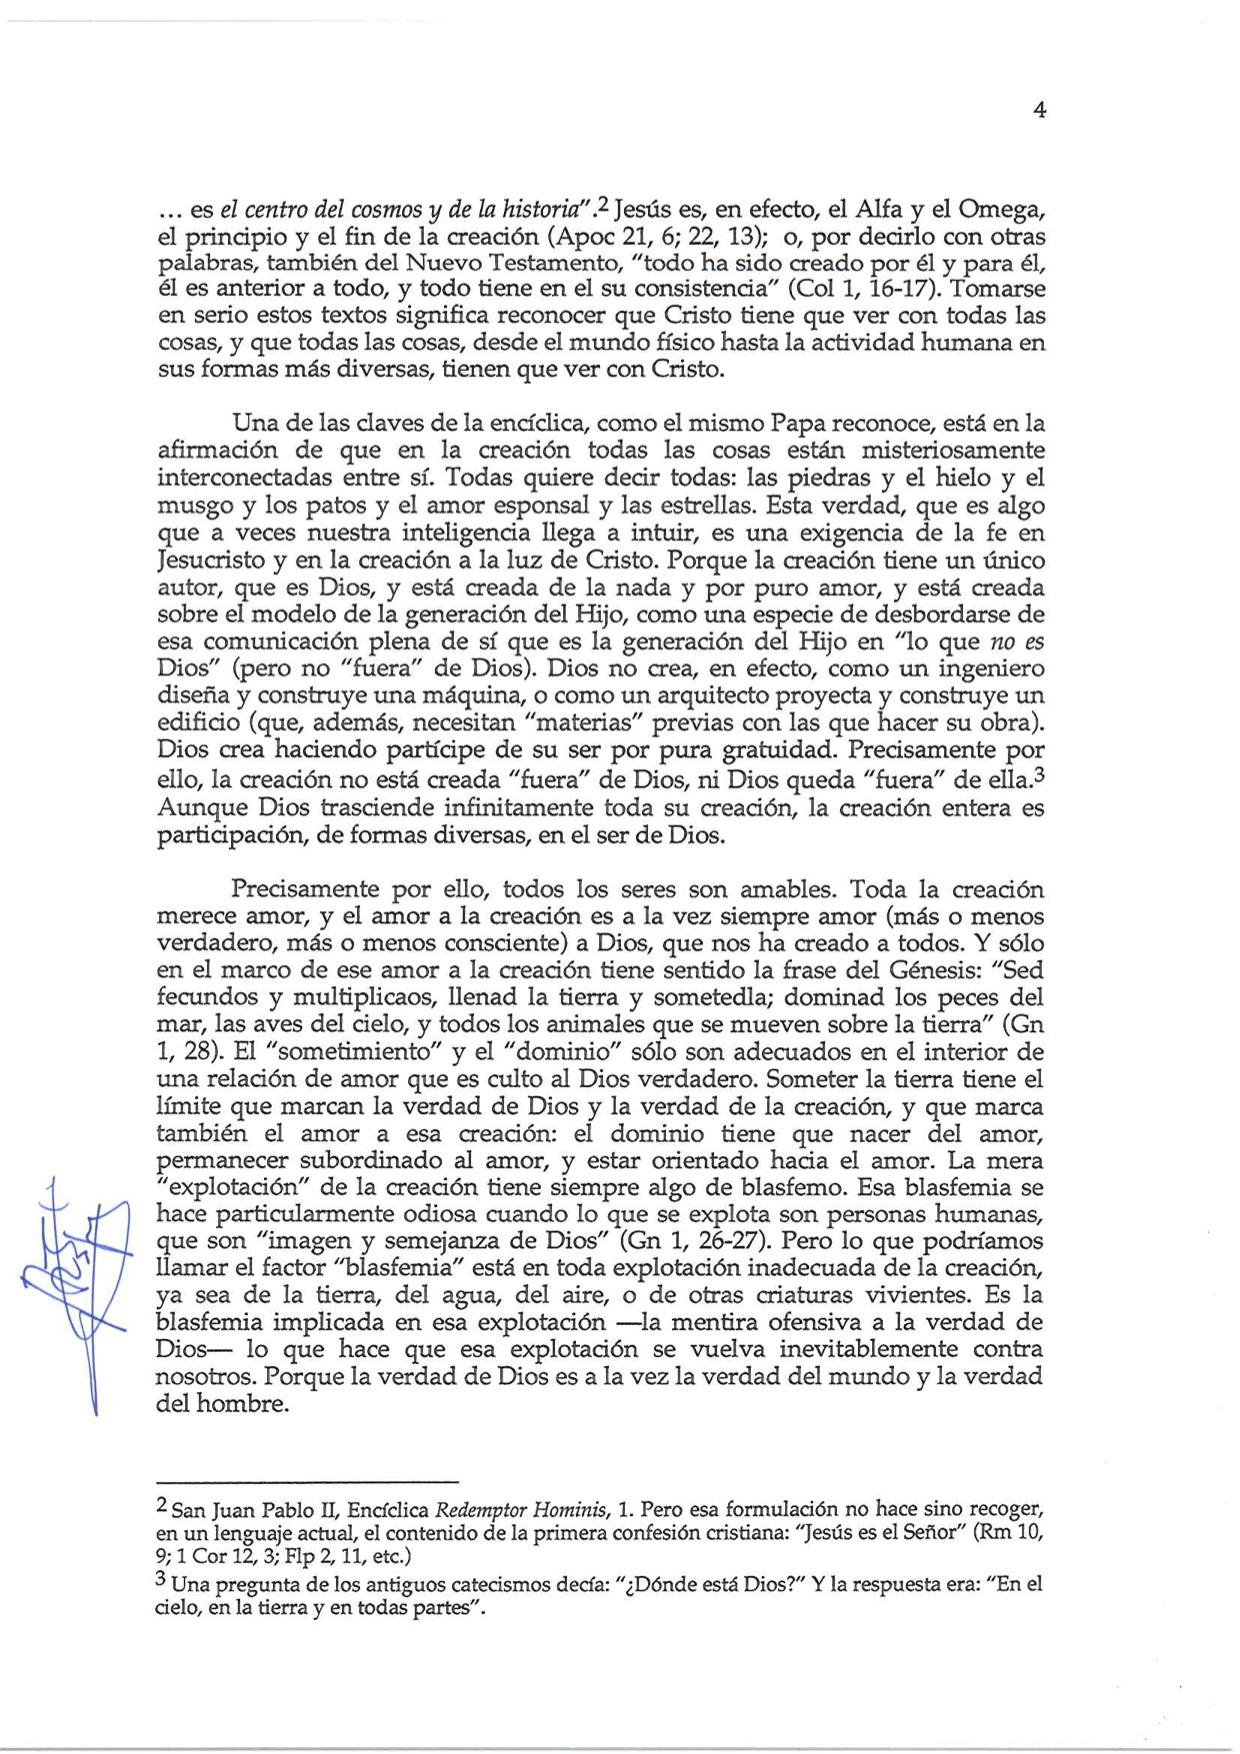 Decreto de Erección _Laudato Si_04